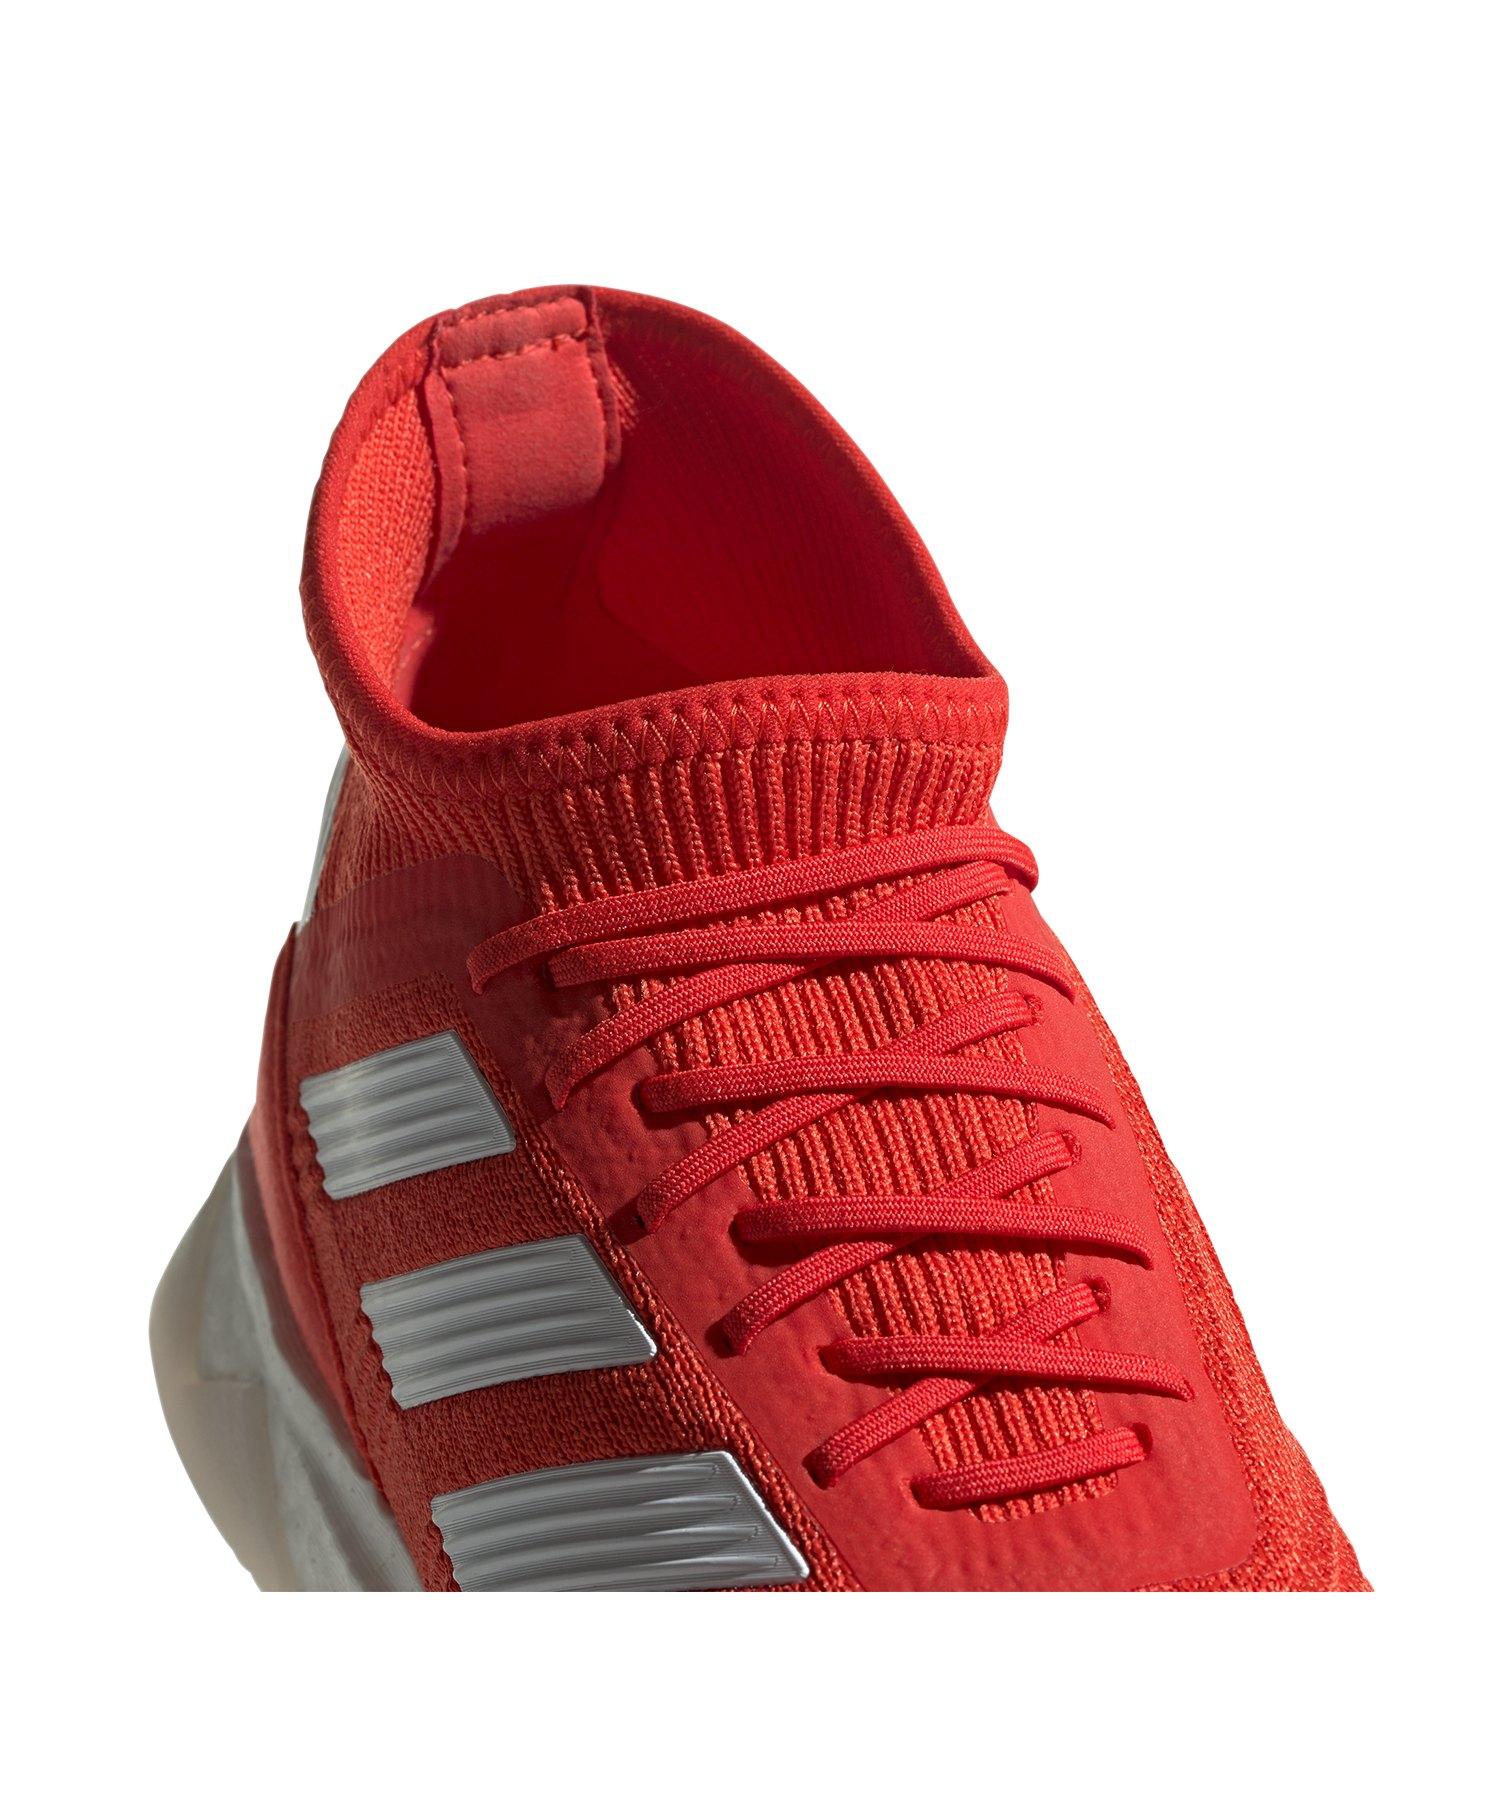 adidas Predator 19.1 TR Rot Silber Weiss